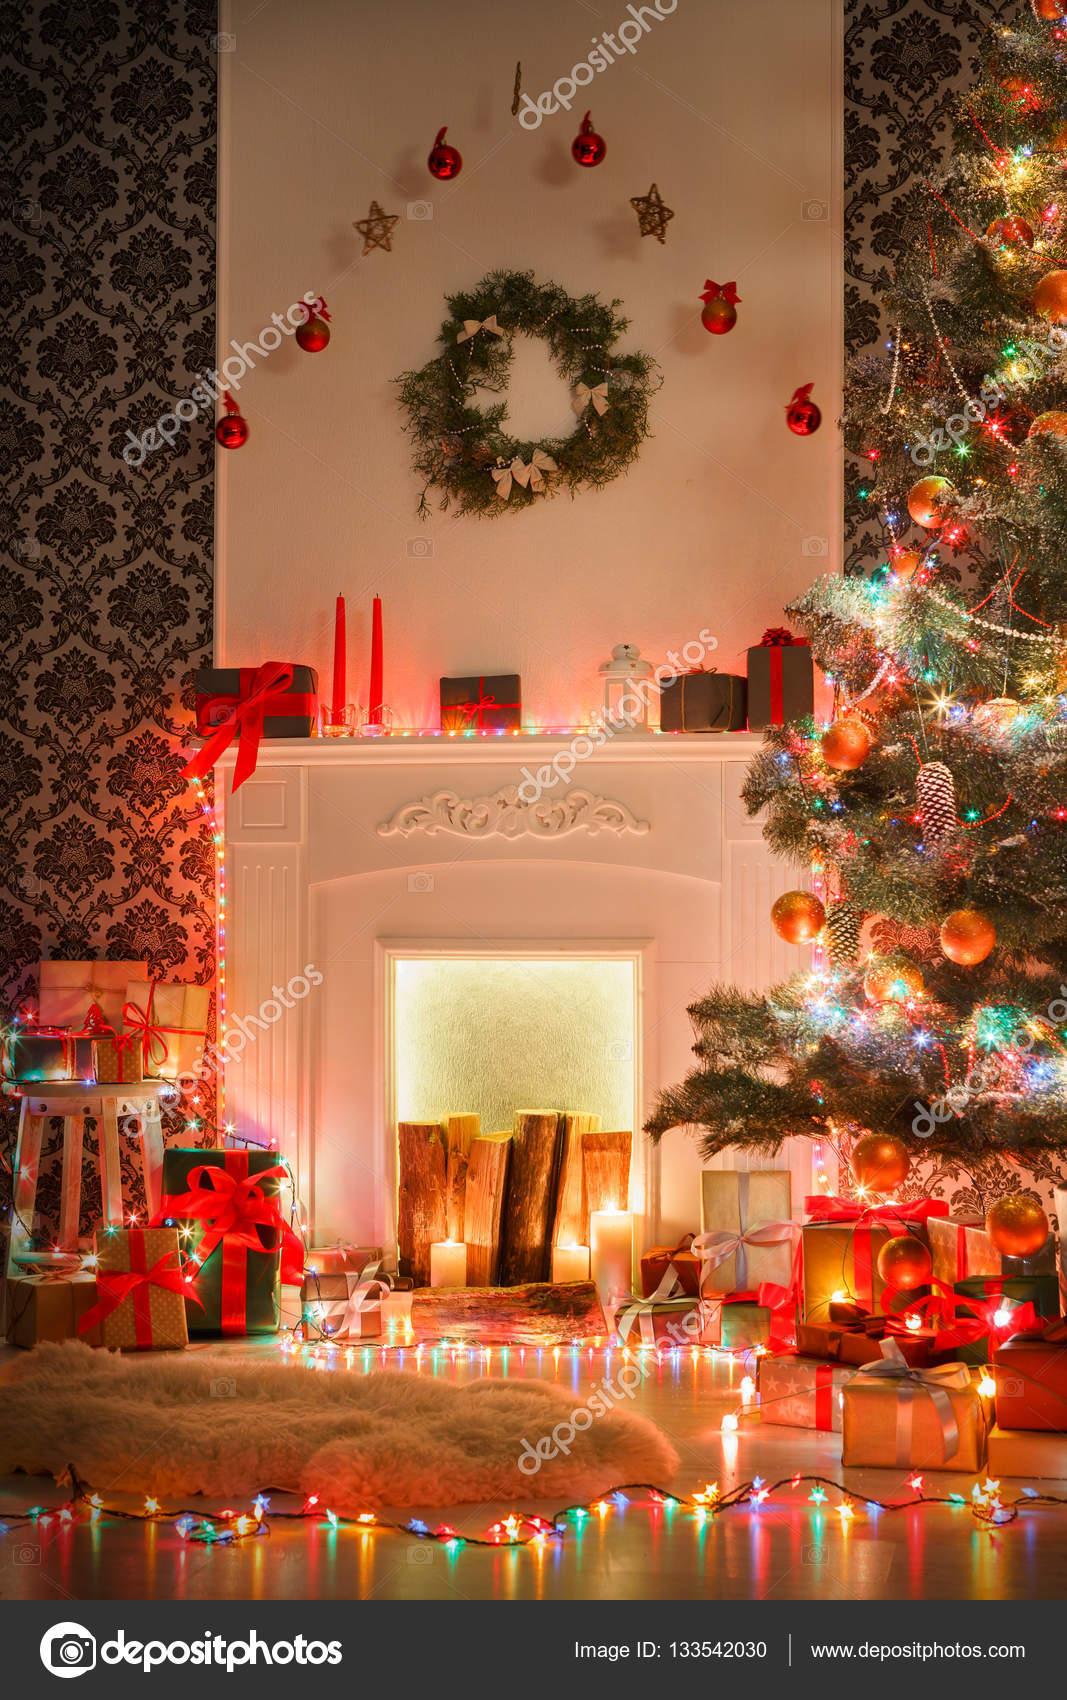 Weihnachtsbeleuchtung Wohnzimmer.Weihnachten Raum Innenarchitektur Geschmückten Baum In Garland